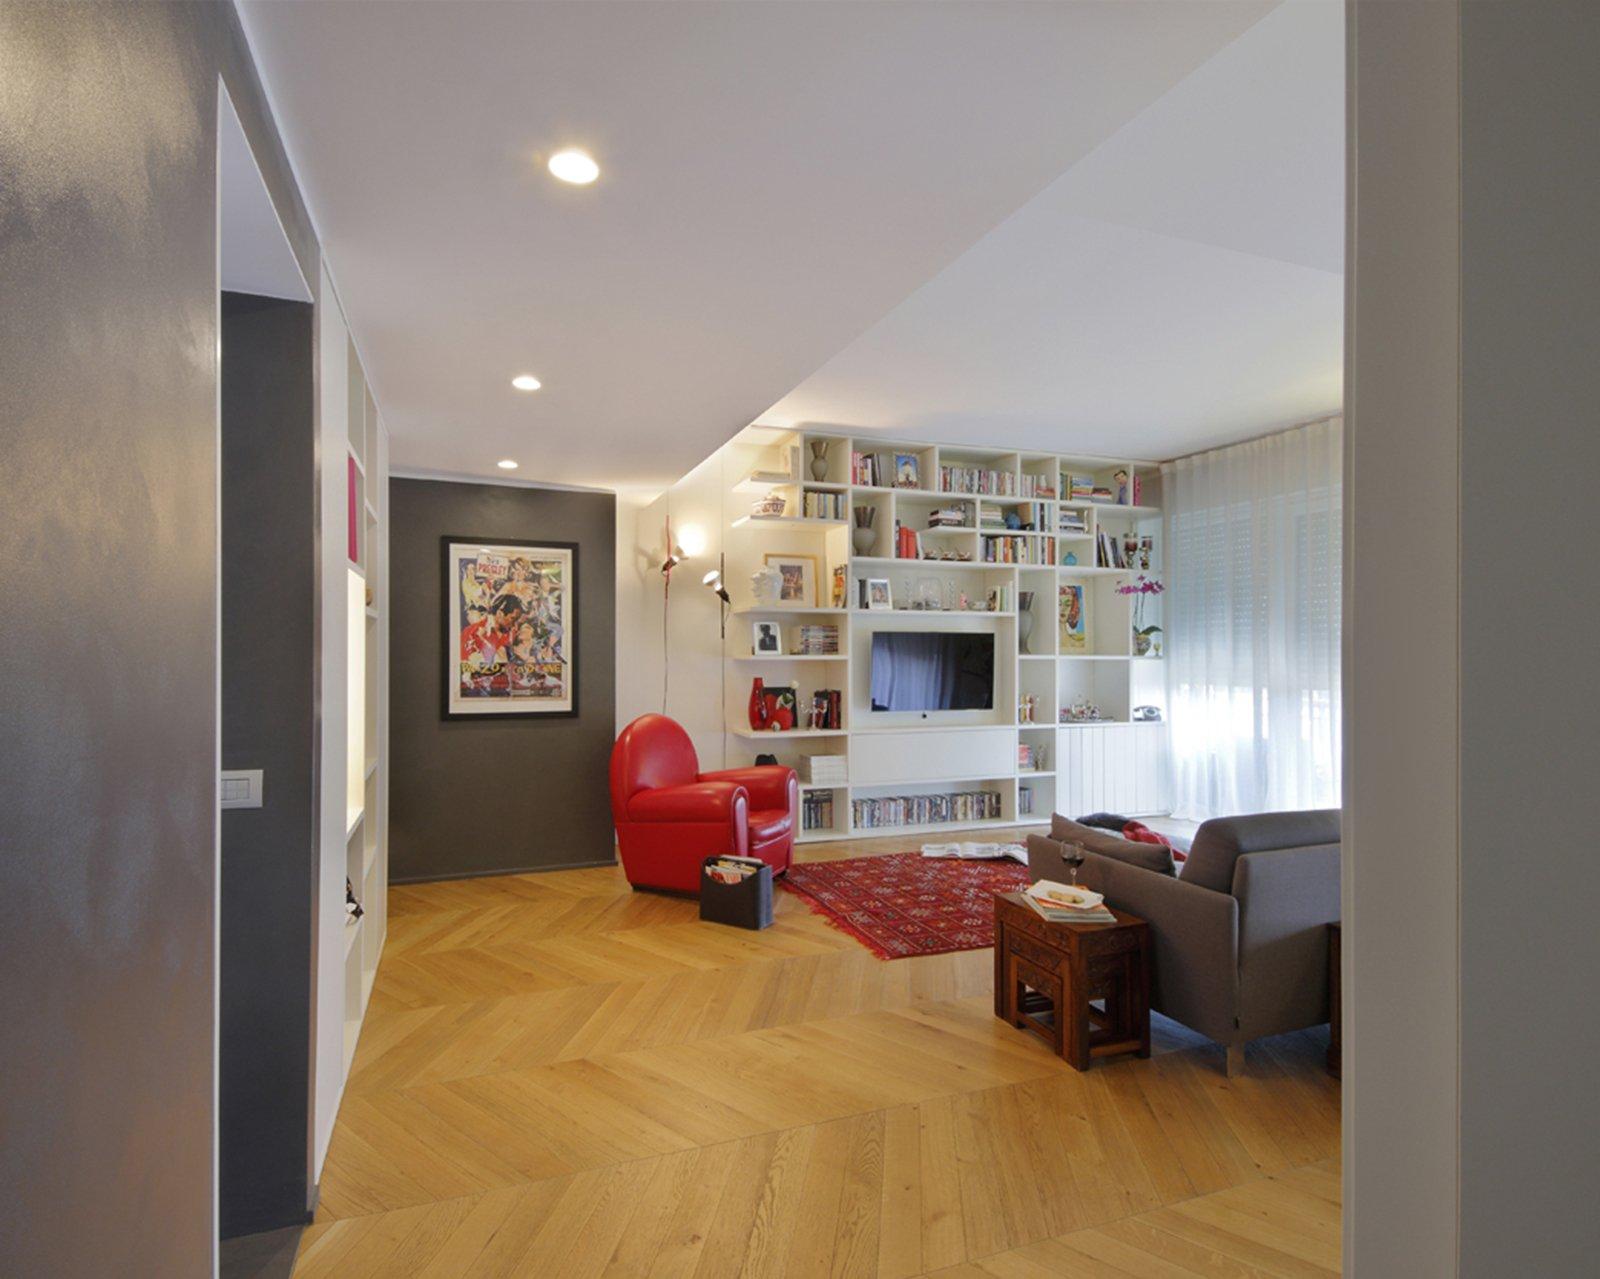 130 mq soggiorno doppio e cucina separata per la casa con bagno e cameretta a pianta irregolari - Cucina soggiorno 15 mq ...